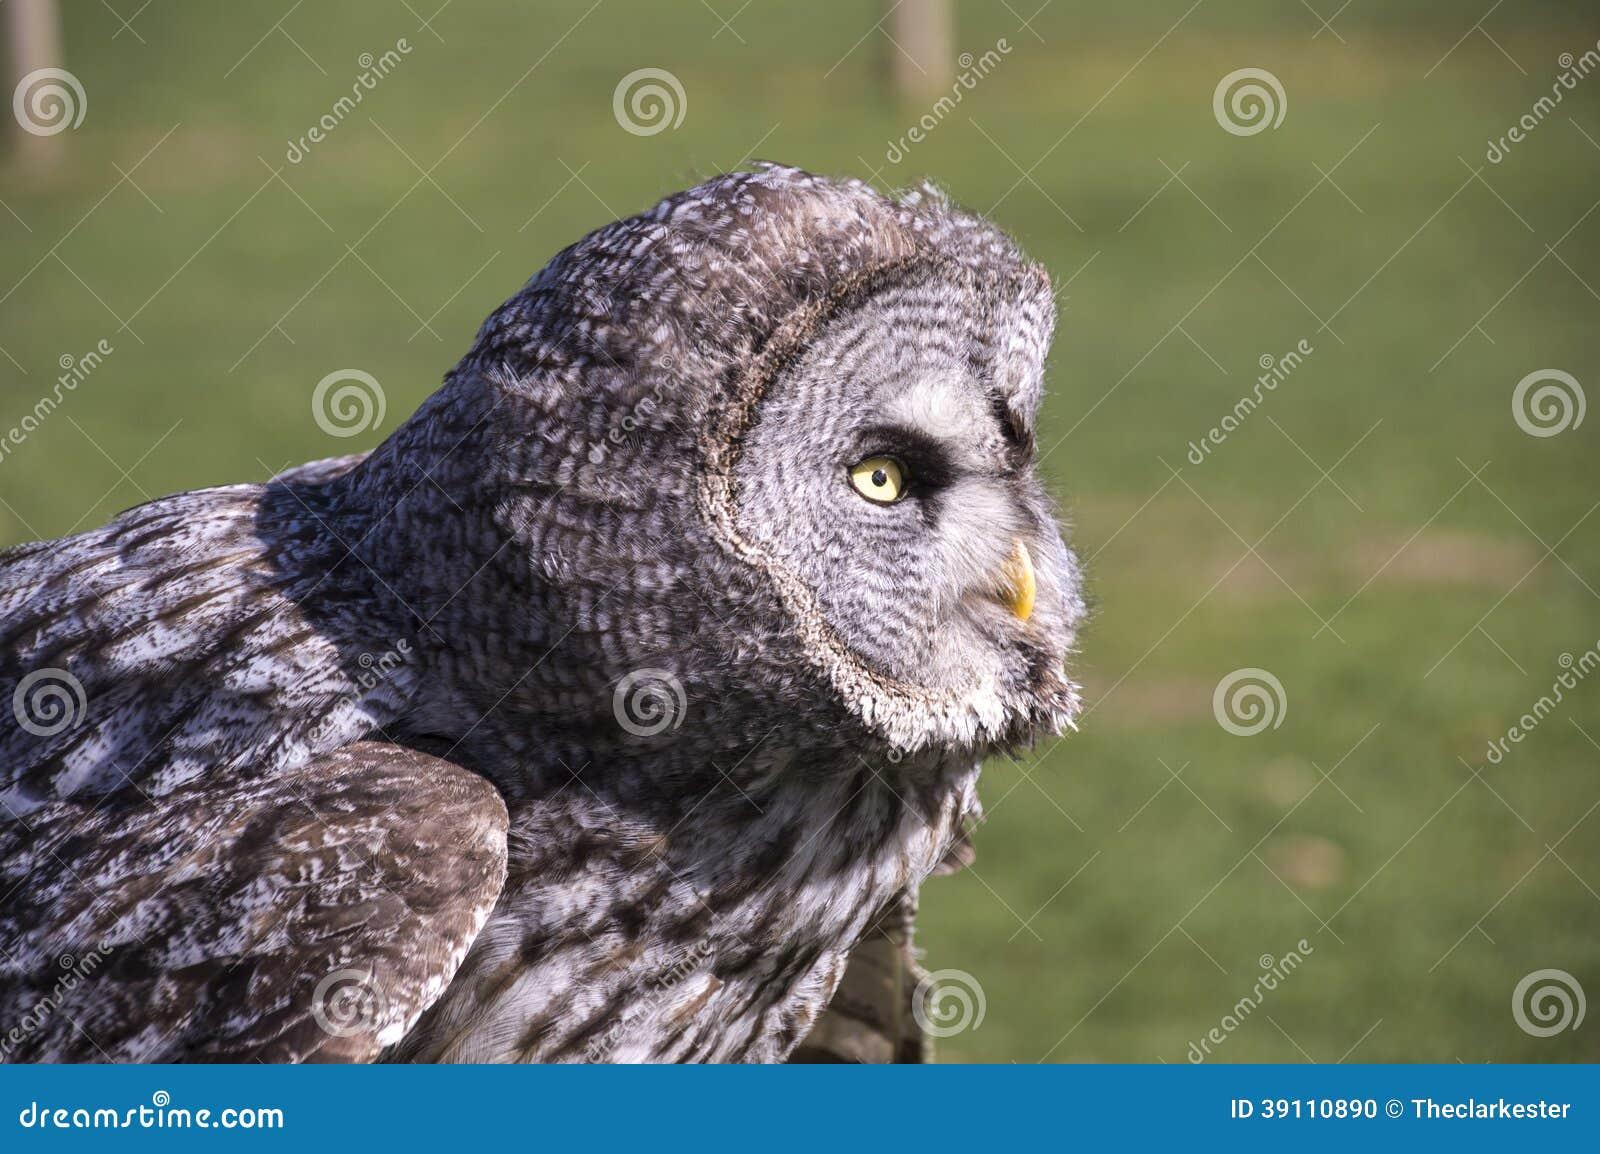 Groot Grey Owl - close-up